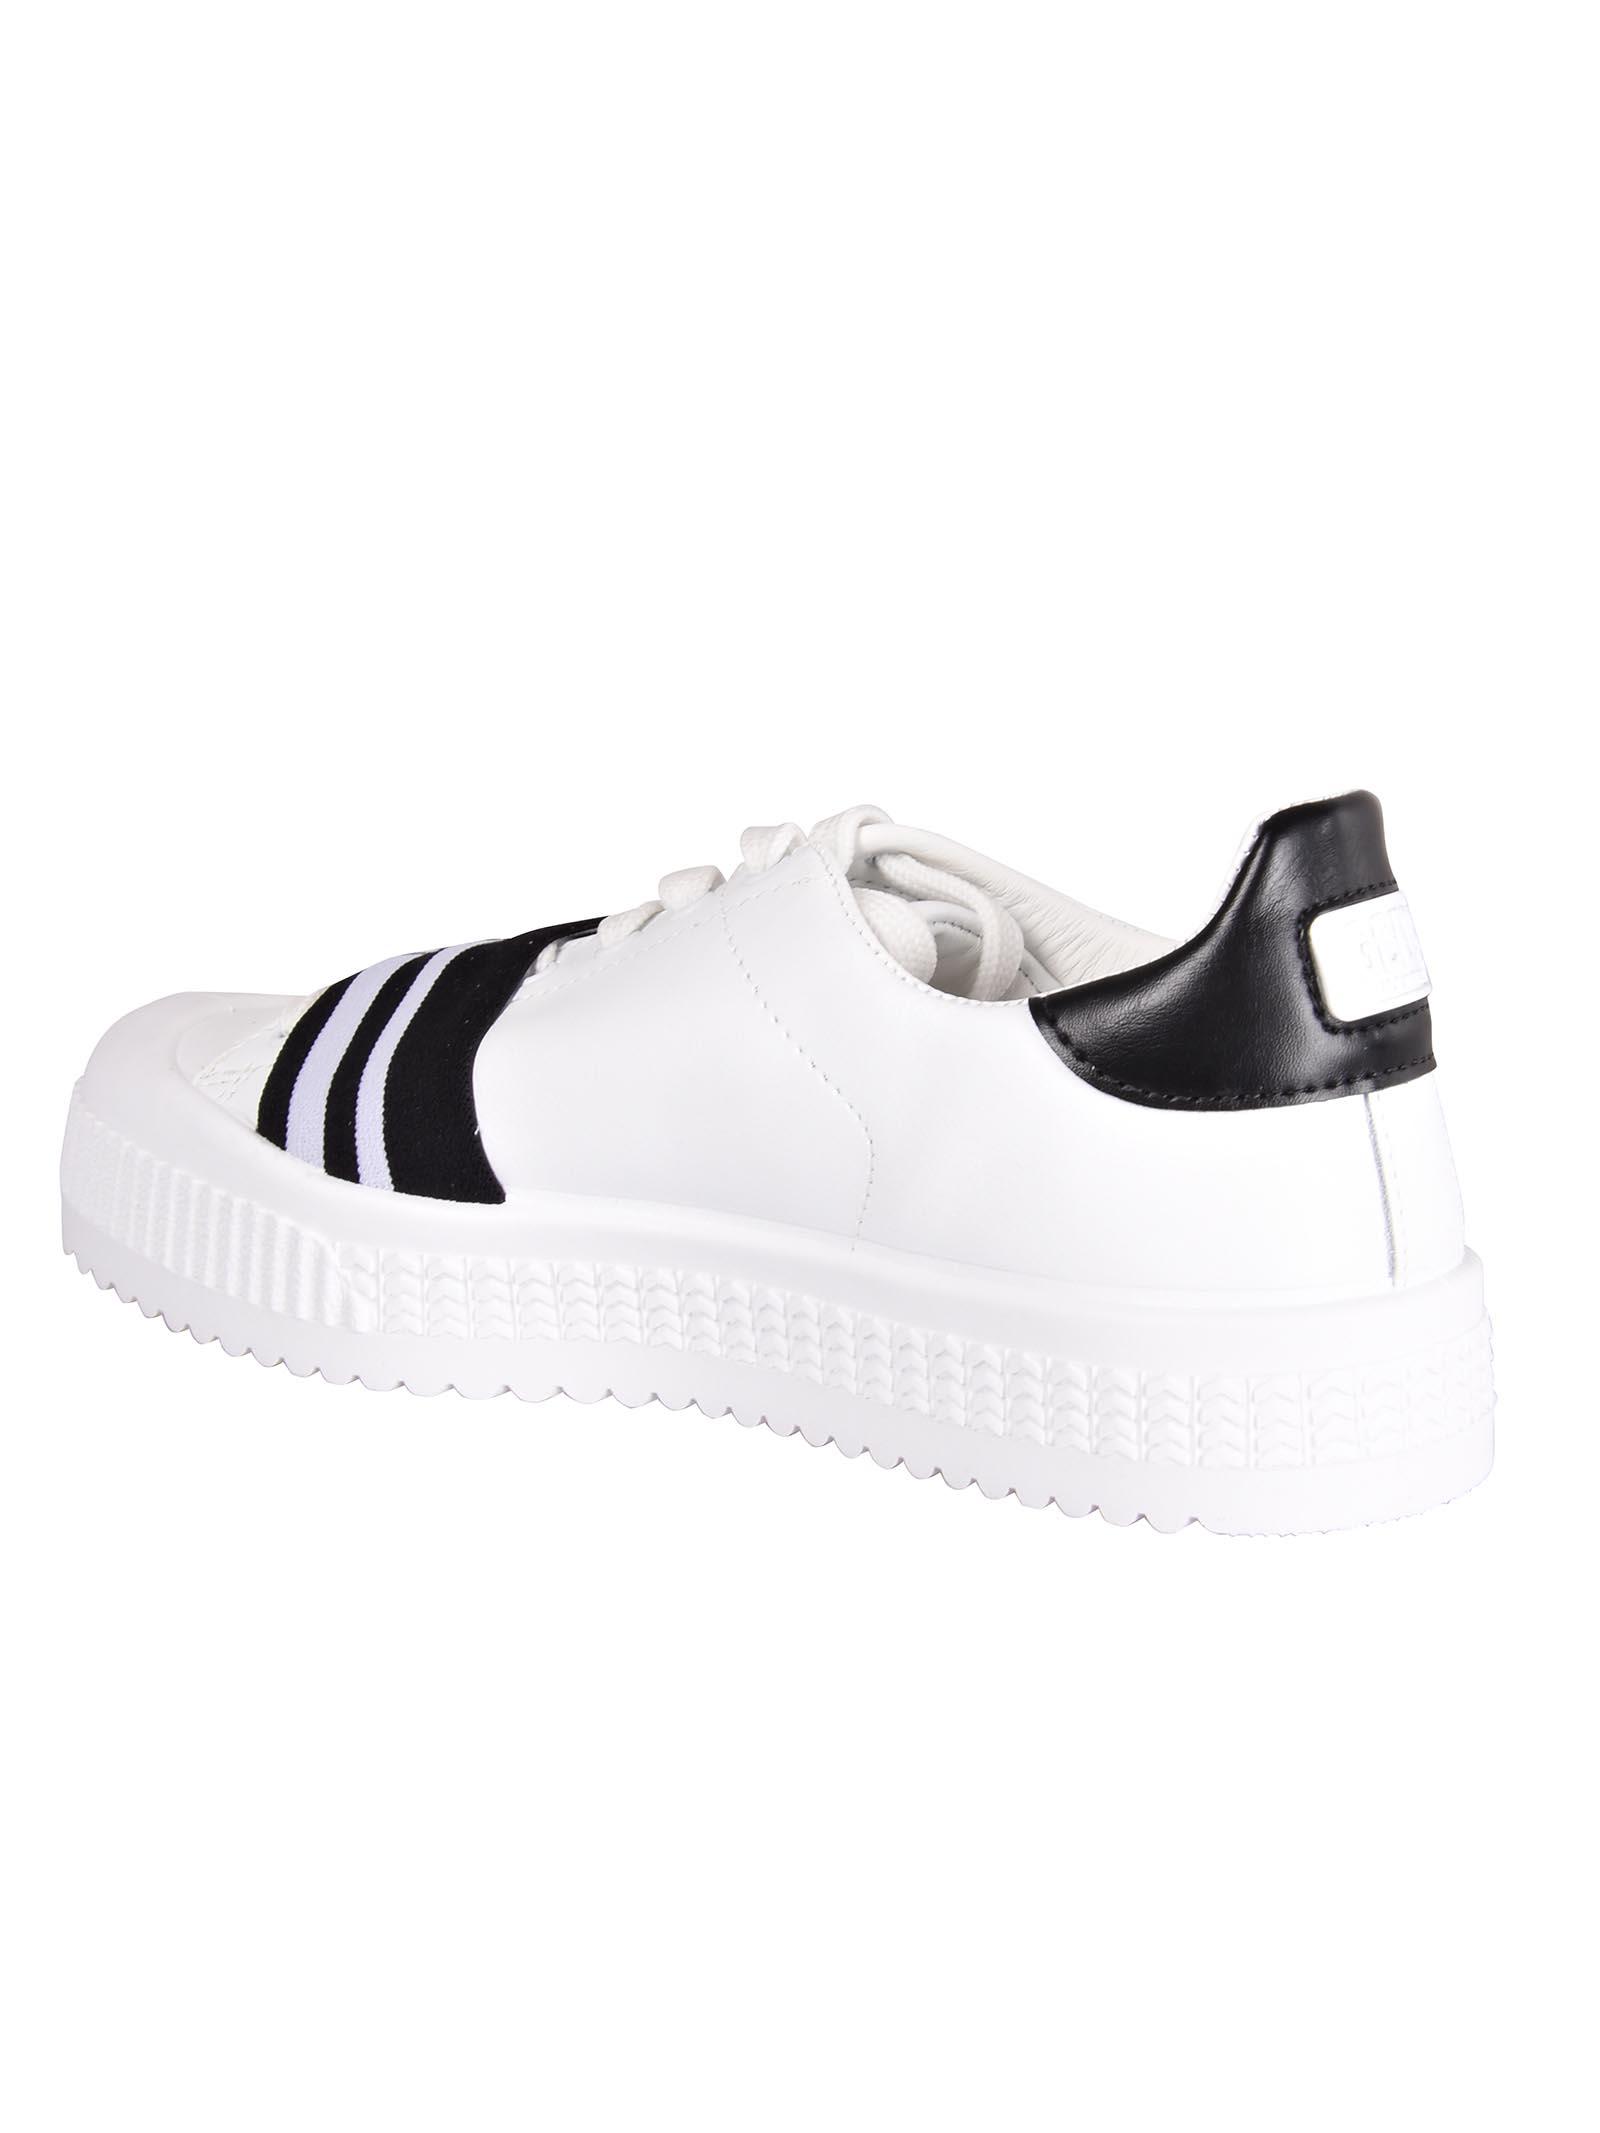 ... GCDS Logo Sneakers - Black c1347a199501b